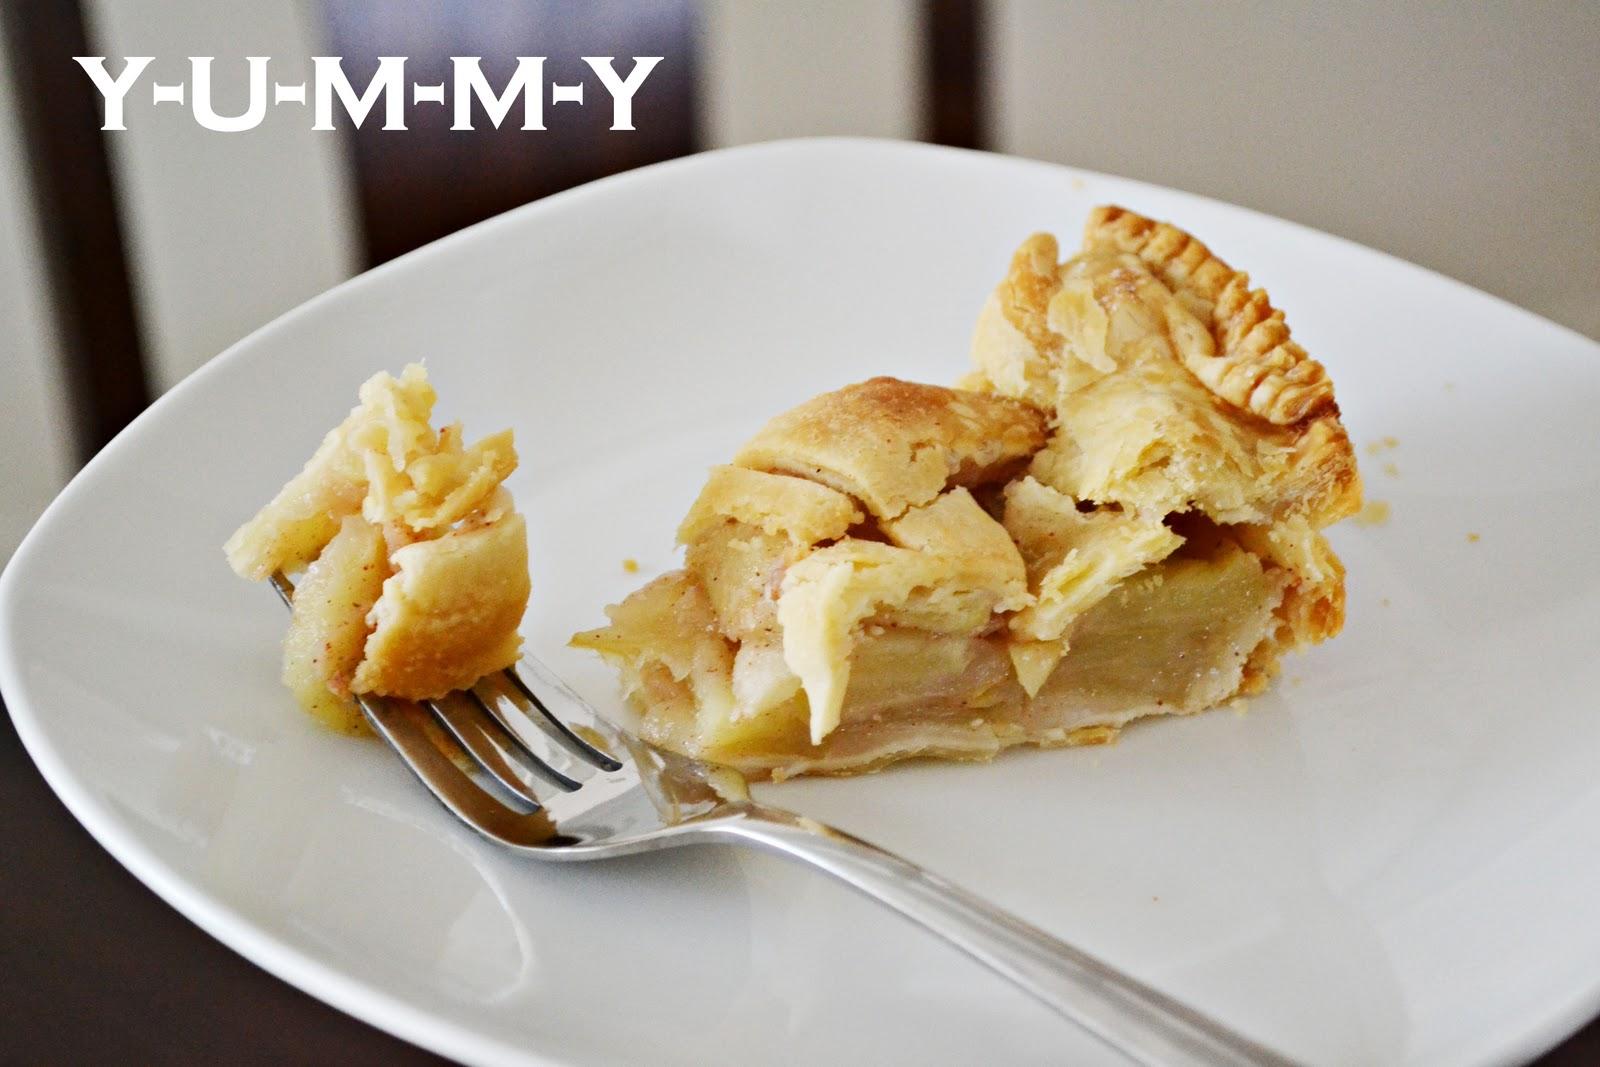 Y U M M Y Good Ole Classic Apple Pie